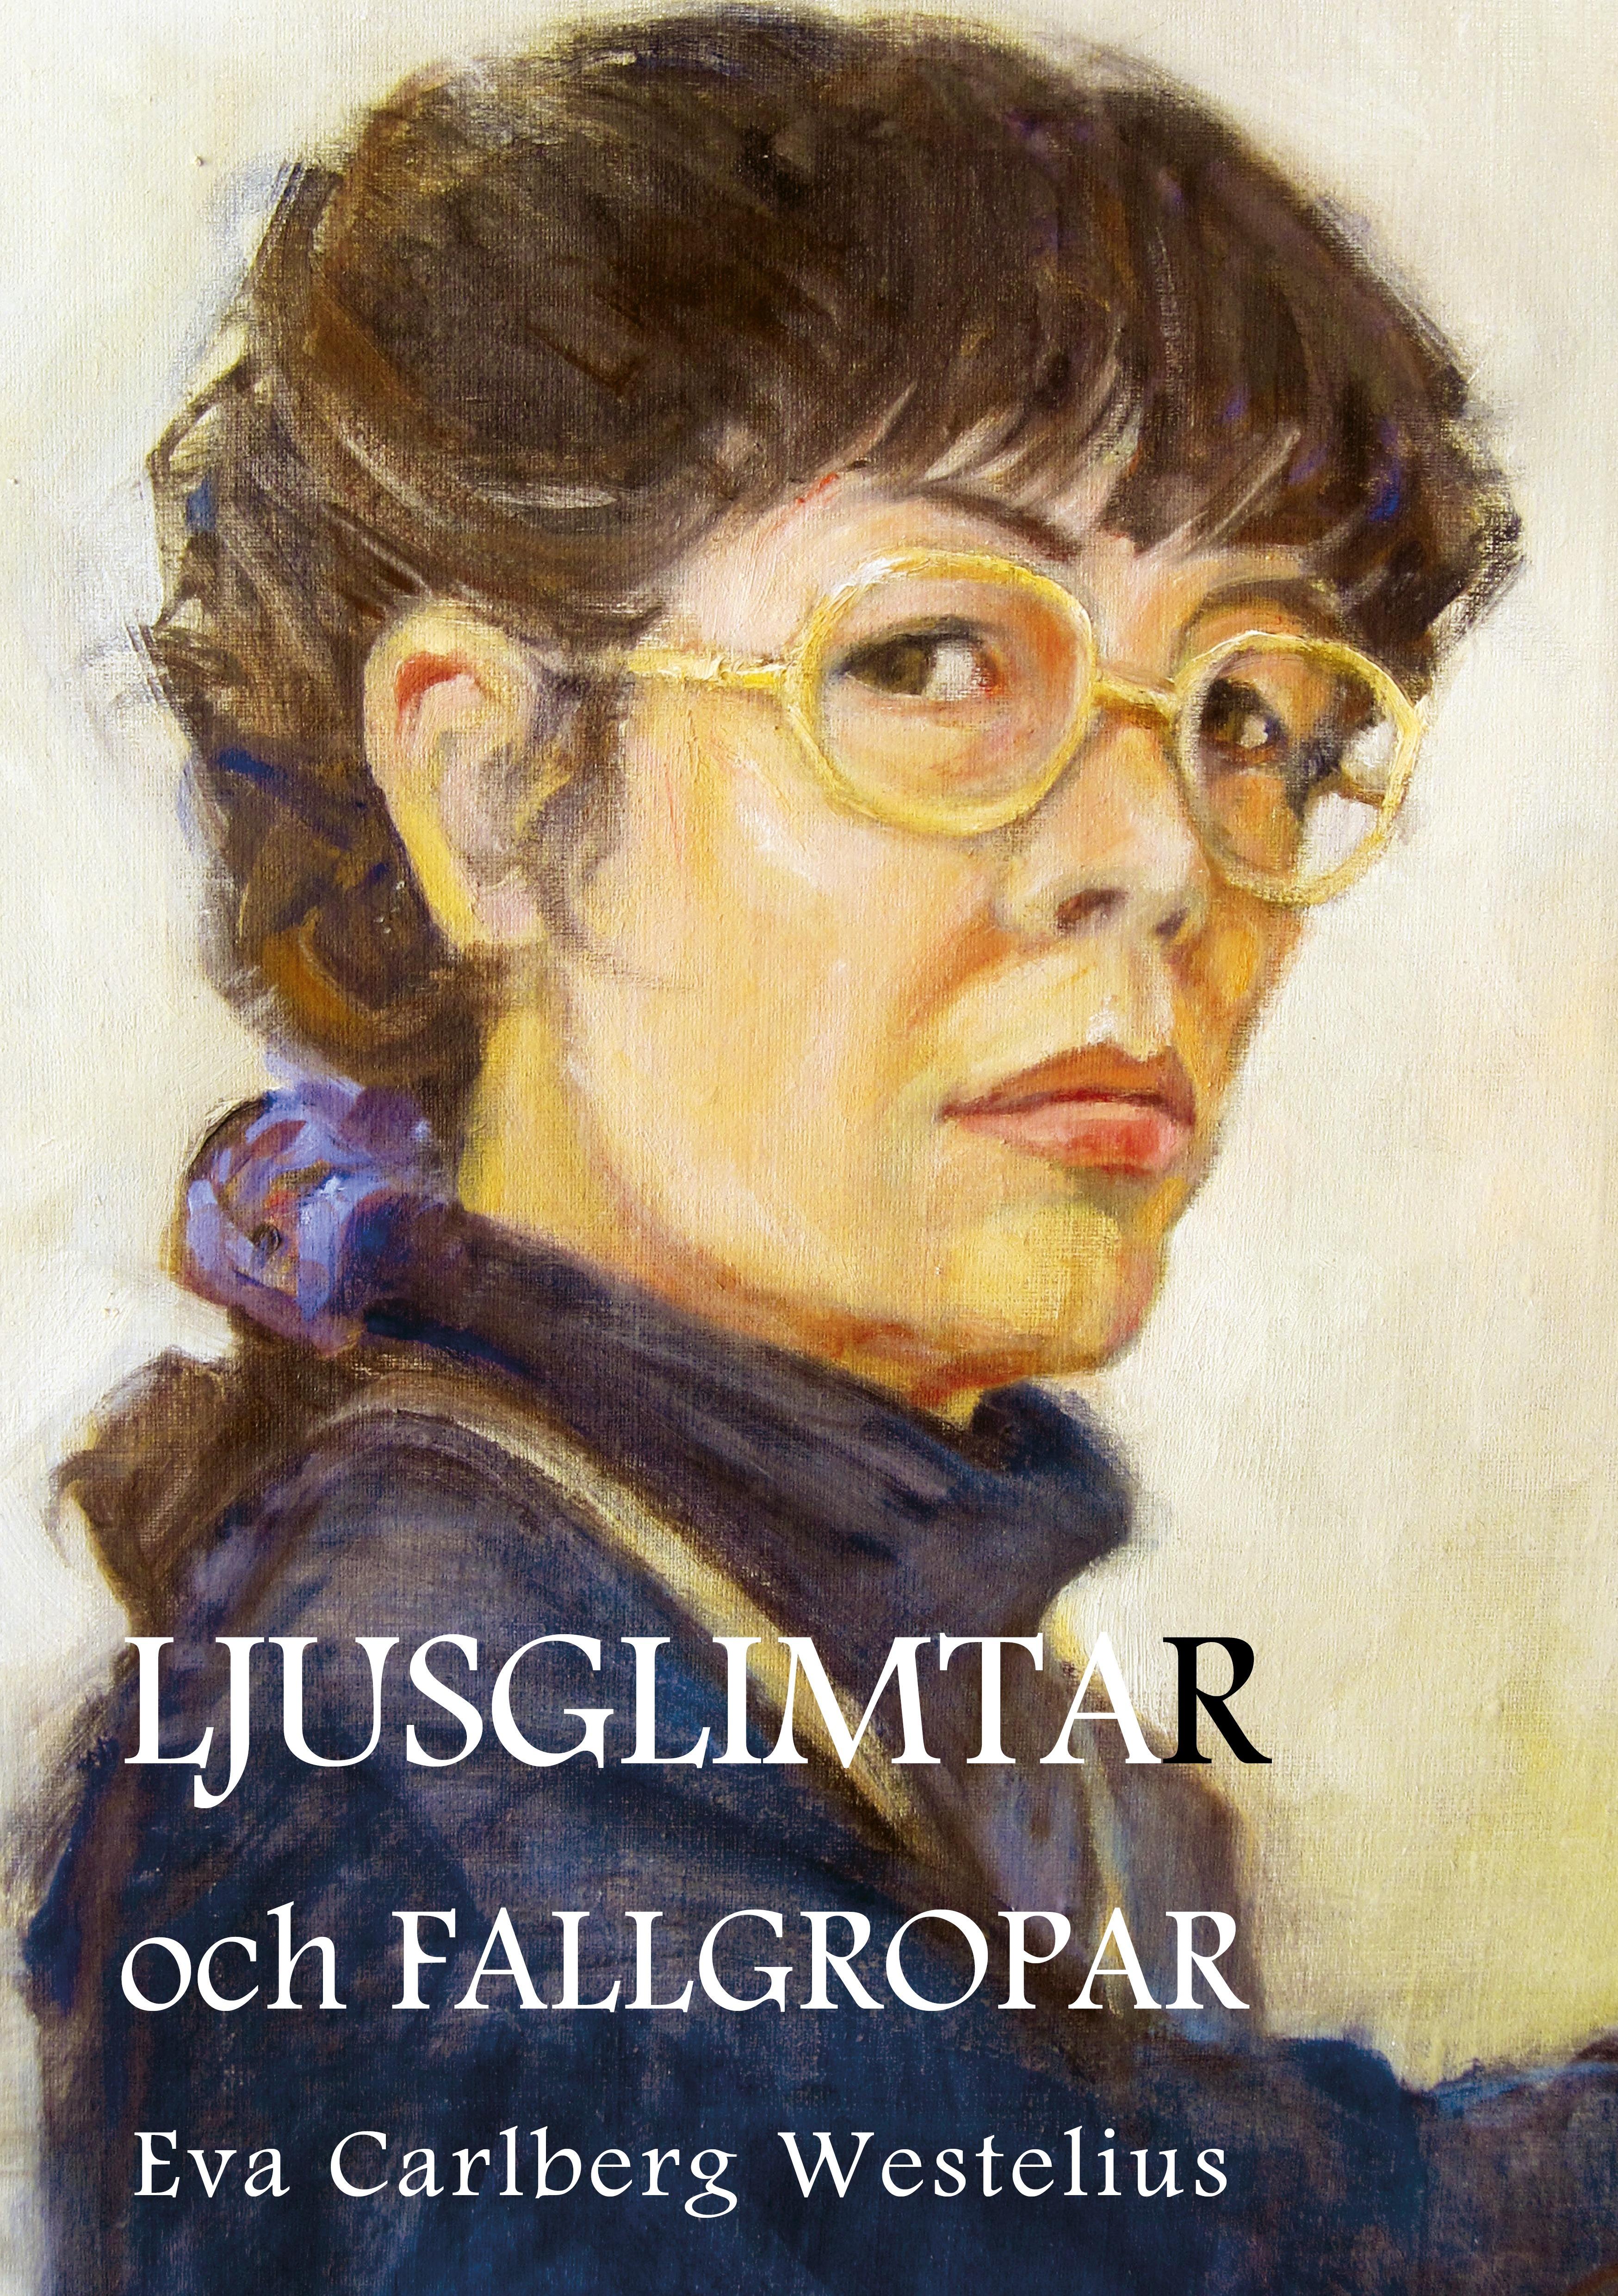 LJUSGLIMTAR och FALLGROPAR av Eva Carlberg Westelius